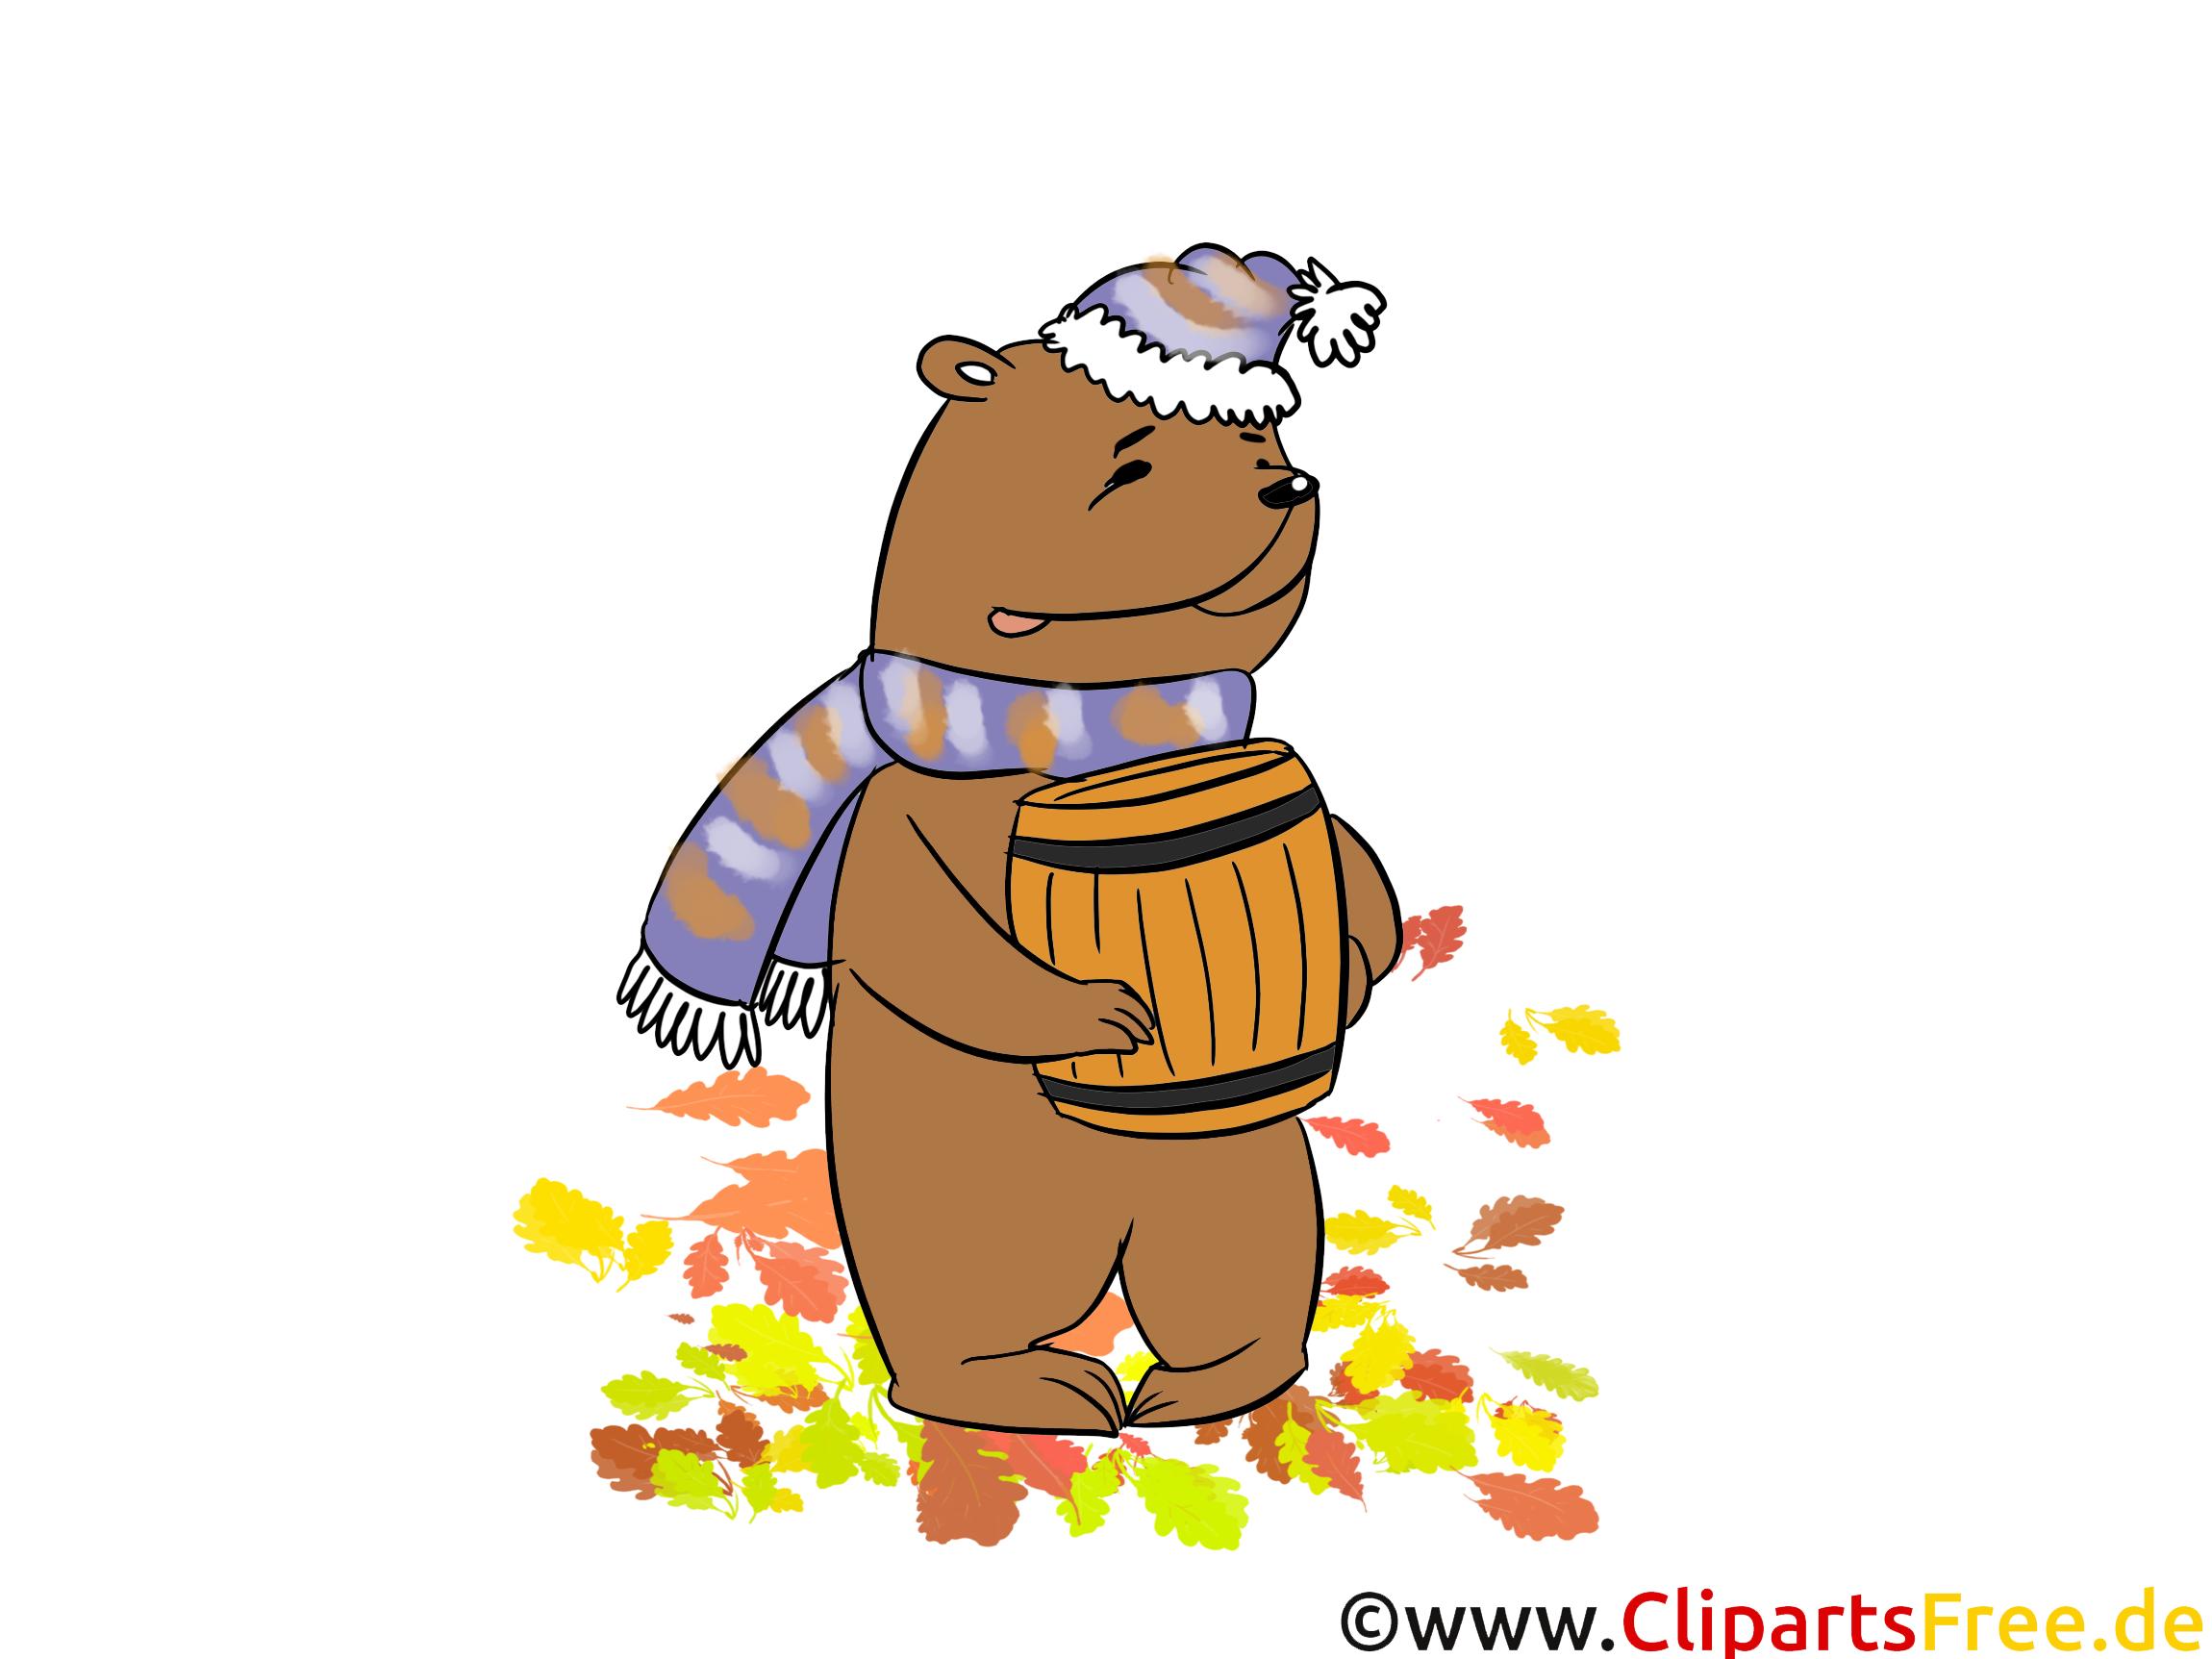 Ours miel dessin gratuit – Automne image